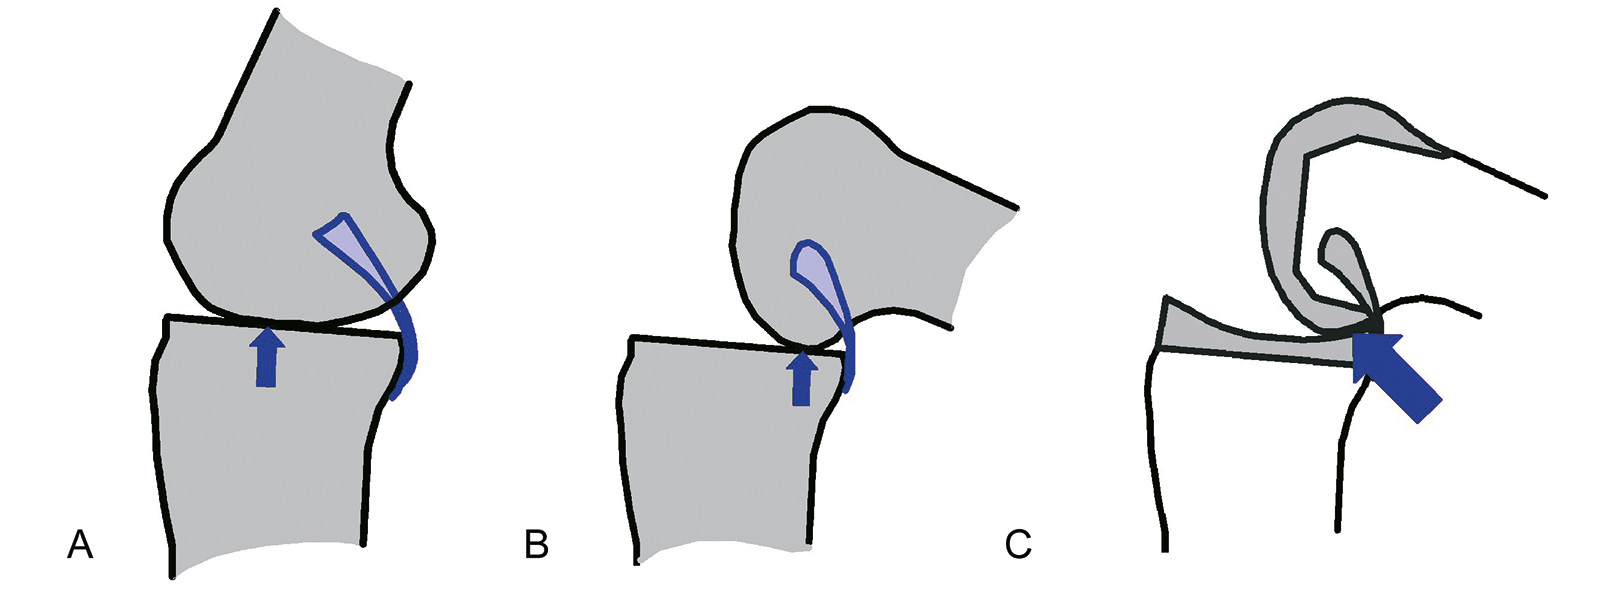 Abb. 1-42: Flexion führt zu einem Rückwärtsrollen und der Kontaktpunkt zwischen Femur und Tibia wird nach dorsal verlagert (A,B). Konflikt zwischen Konformität der Gelenkflächen und Rückwärtsrollen (C)